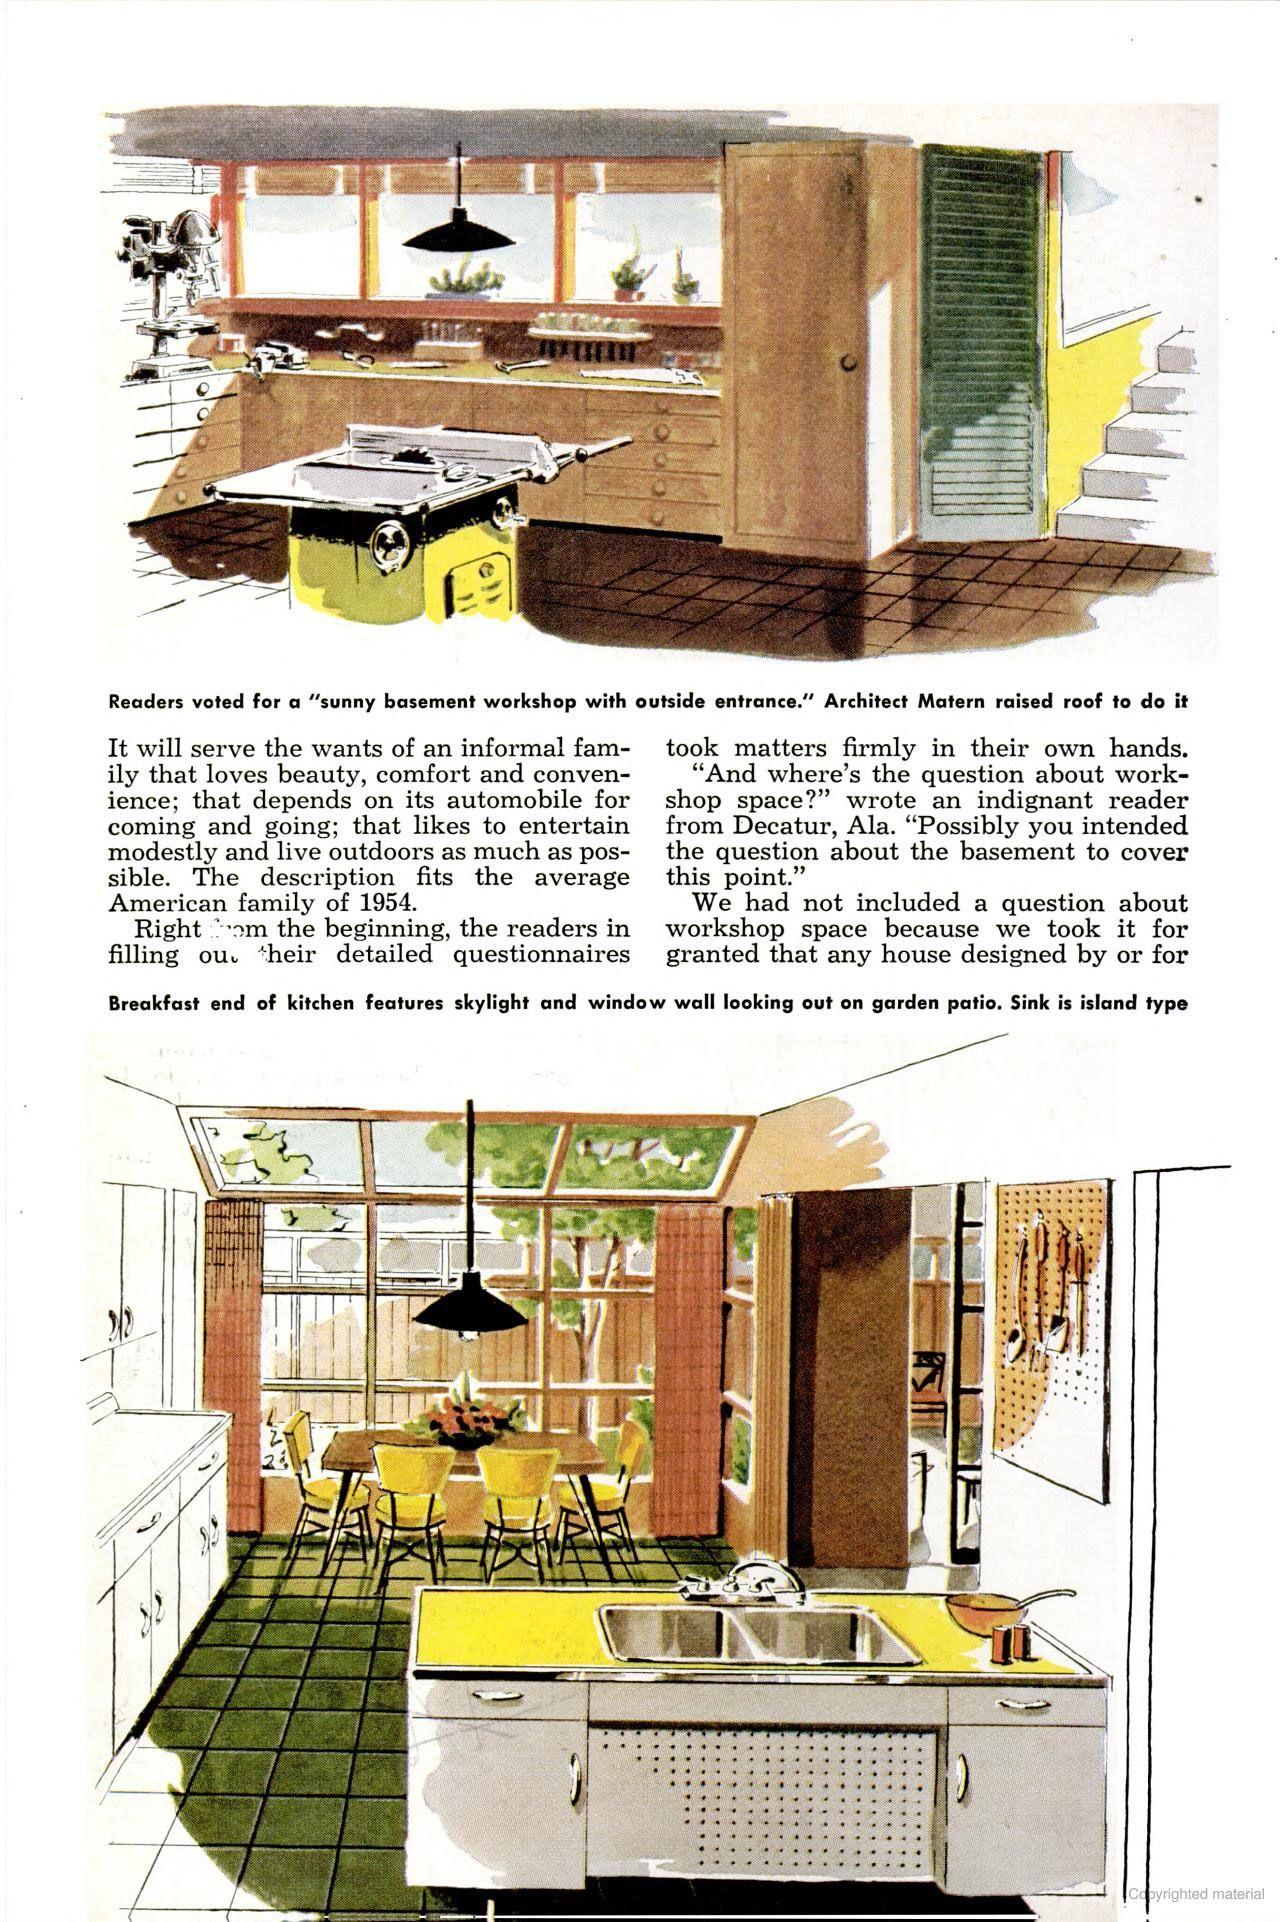 Popular Mechanics Rudolph A Matern Pinterest Popular Mechanics # Gadsden Muebles